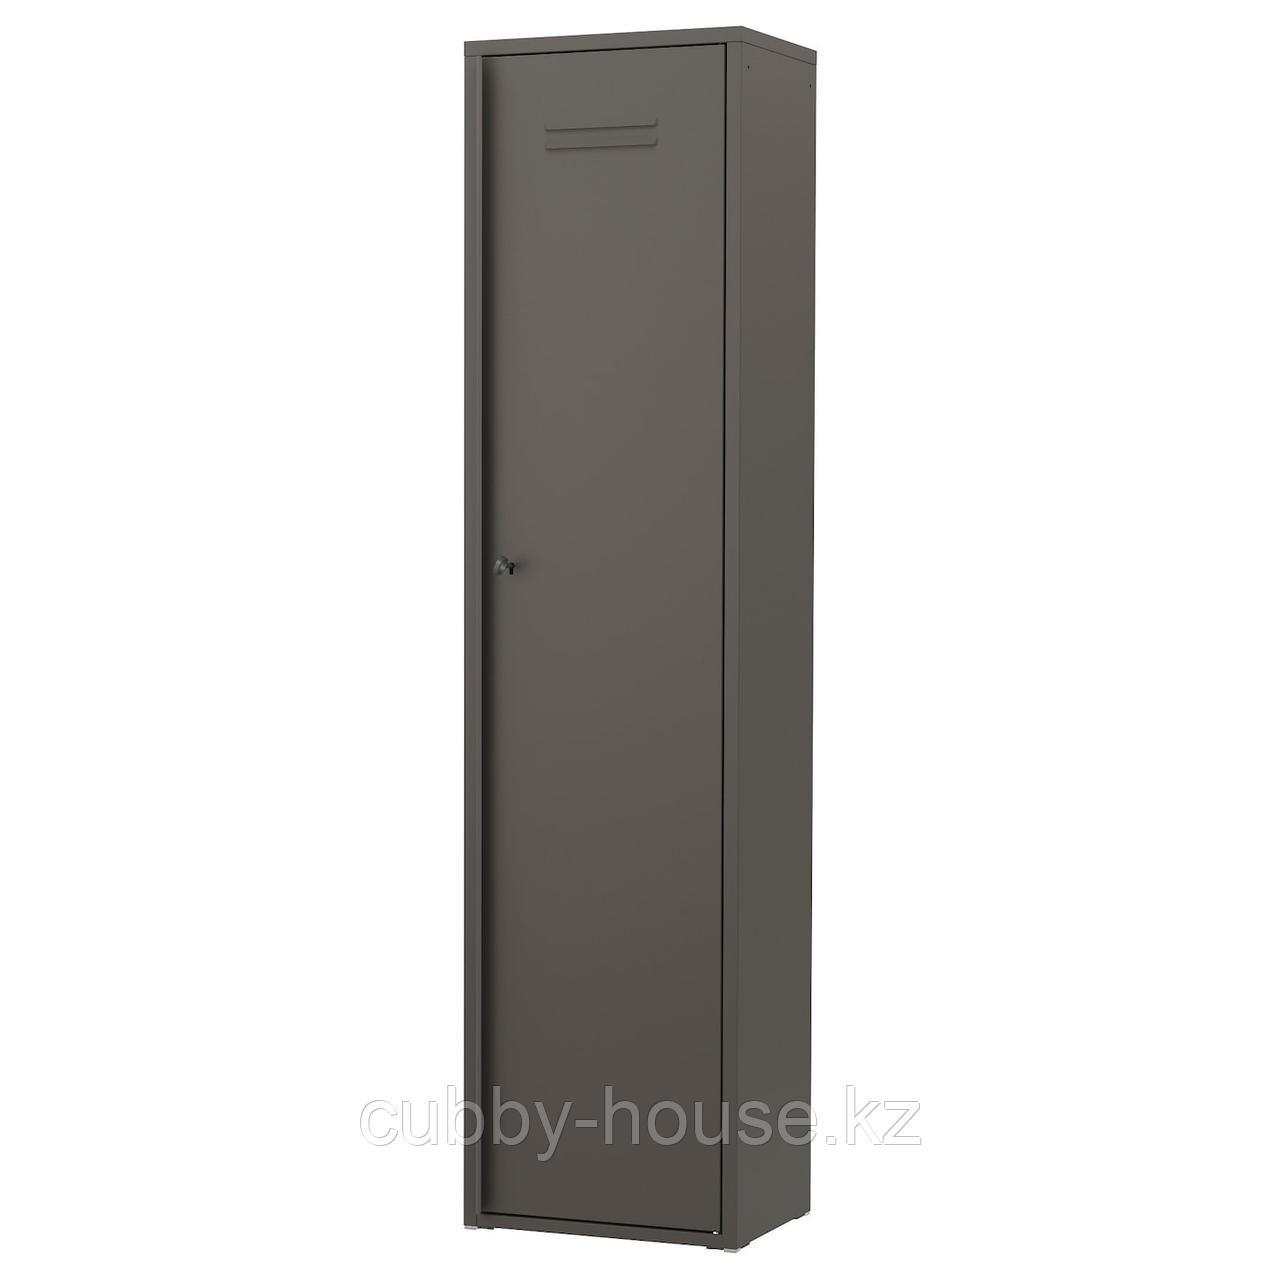 ИВАР Шкаф с дверями, серый, 80x83 см